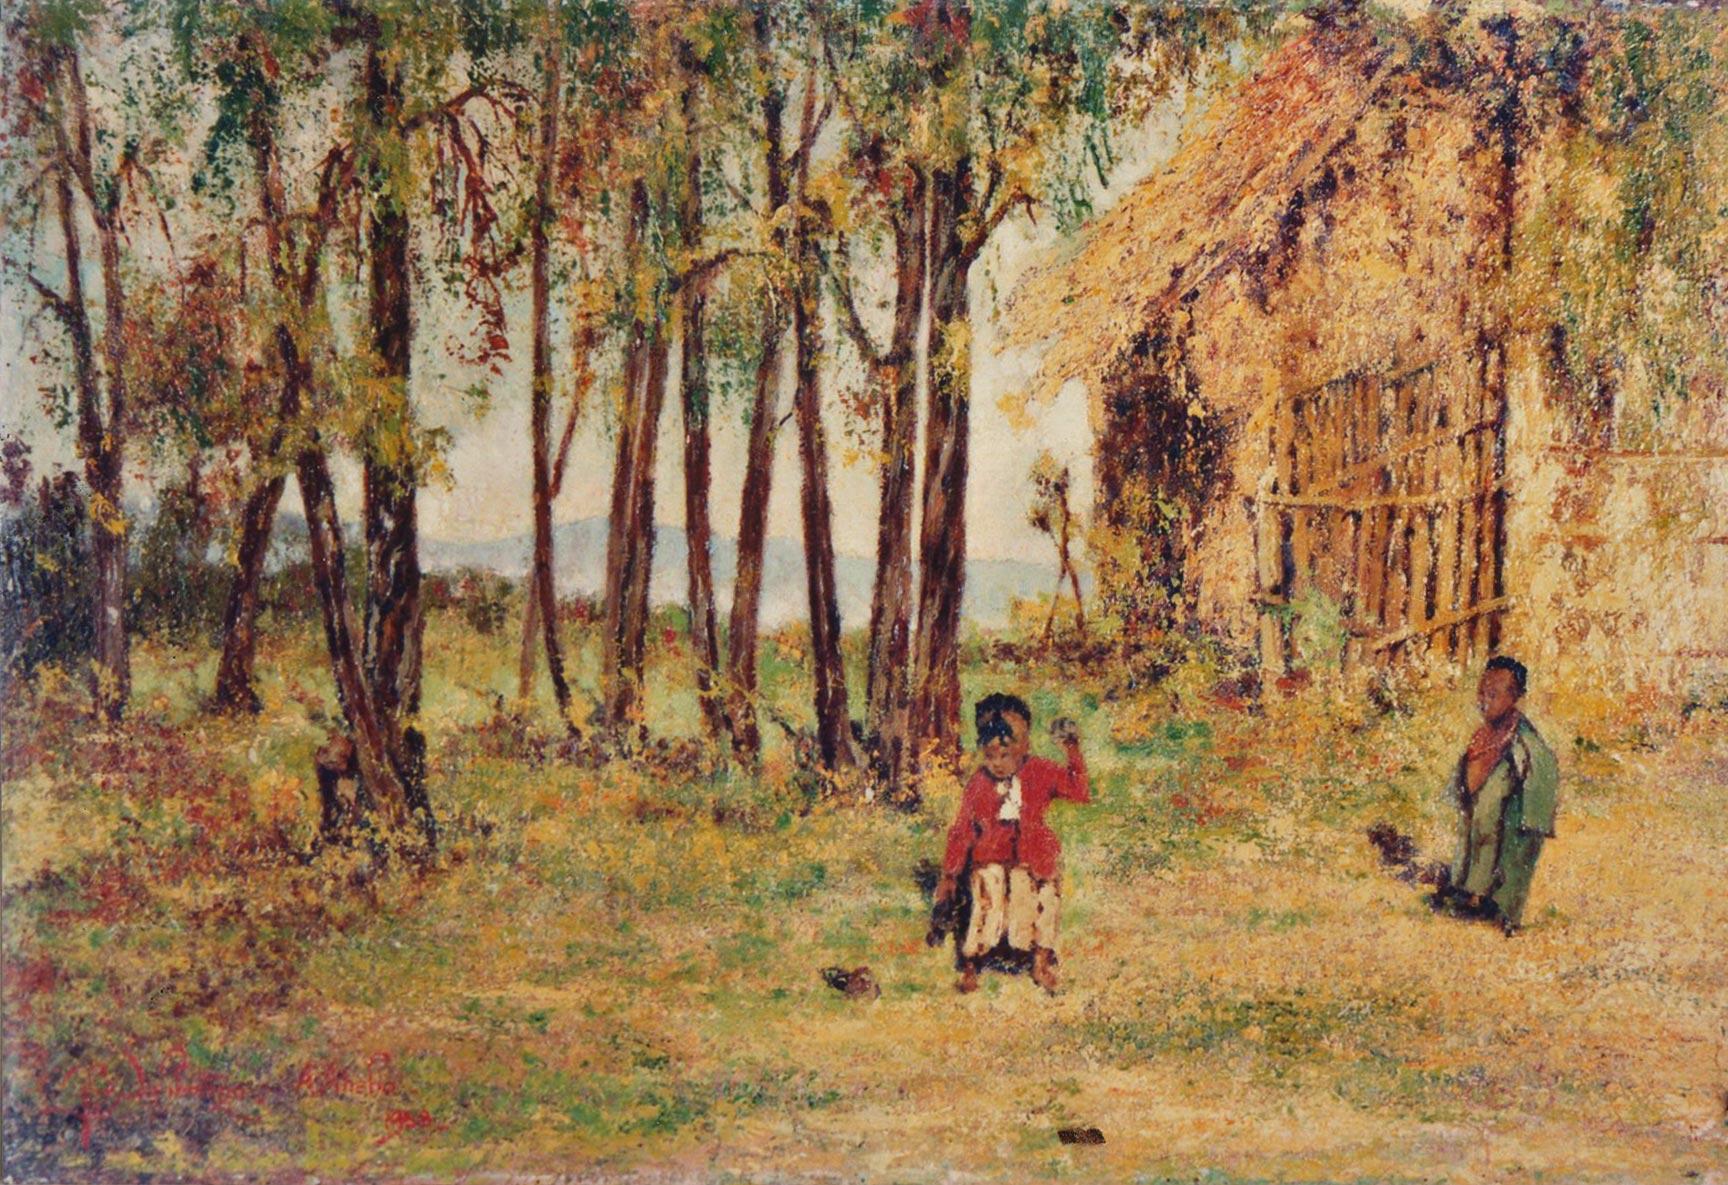 quadri africani scene di vita villaggio olio su tela Sabbatino